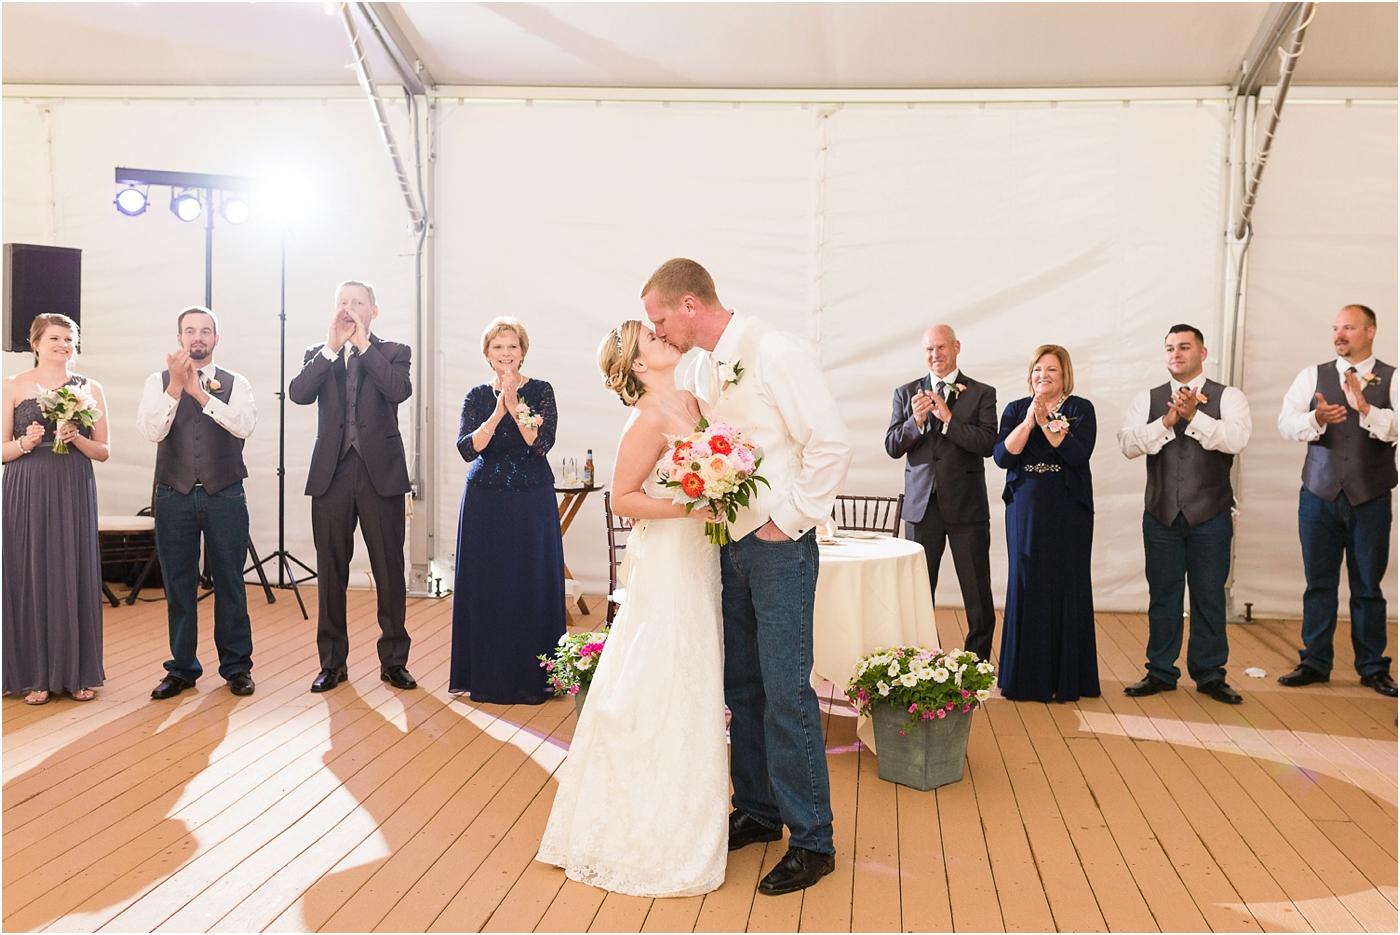 Royer-House-Wedding-Photos-88.jpg